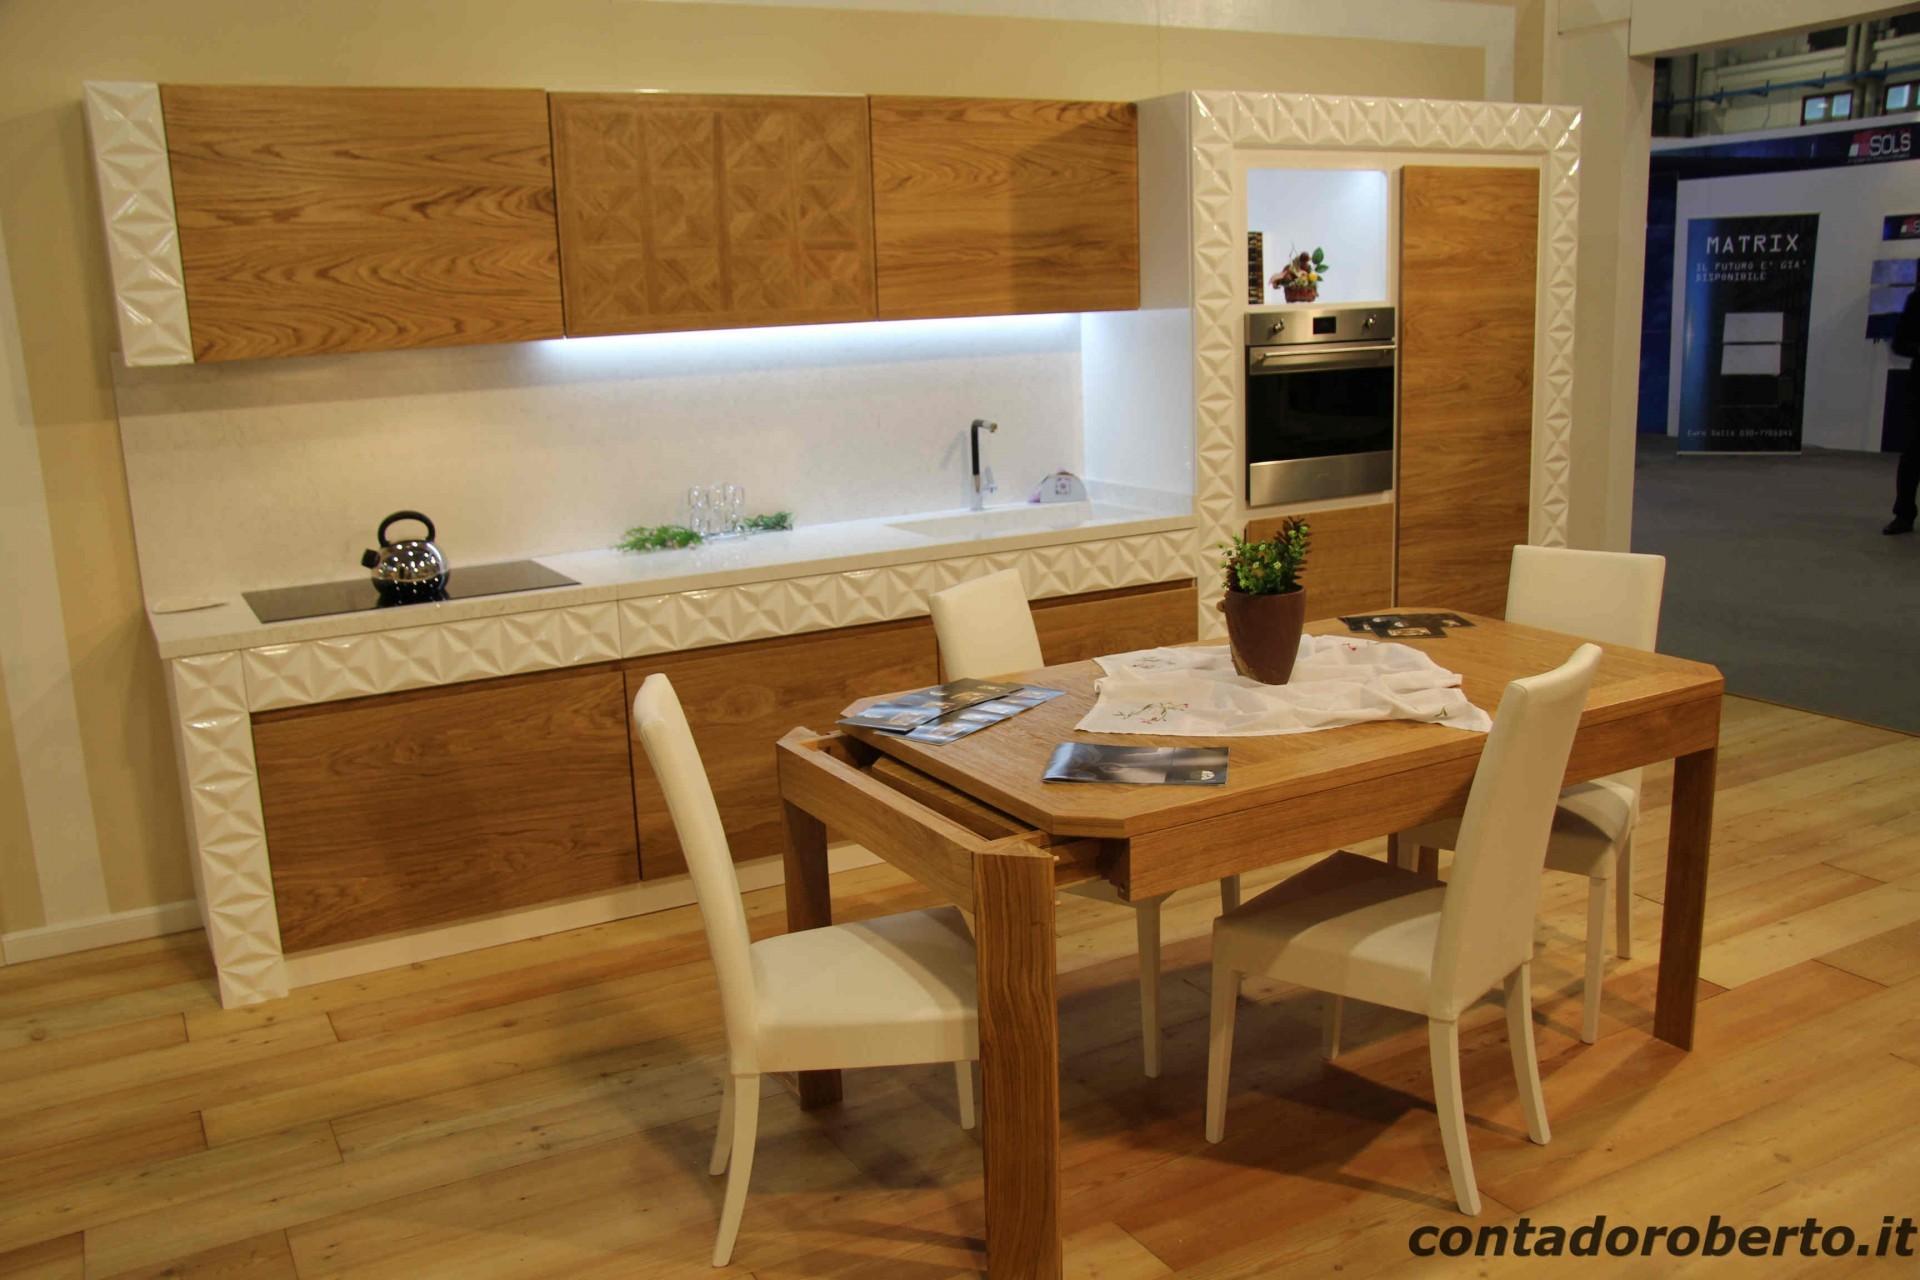 Offerte Cucine Moderne Verona : Cucina moderna verona in legno di rovere naturale laccato